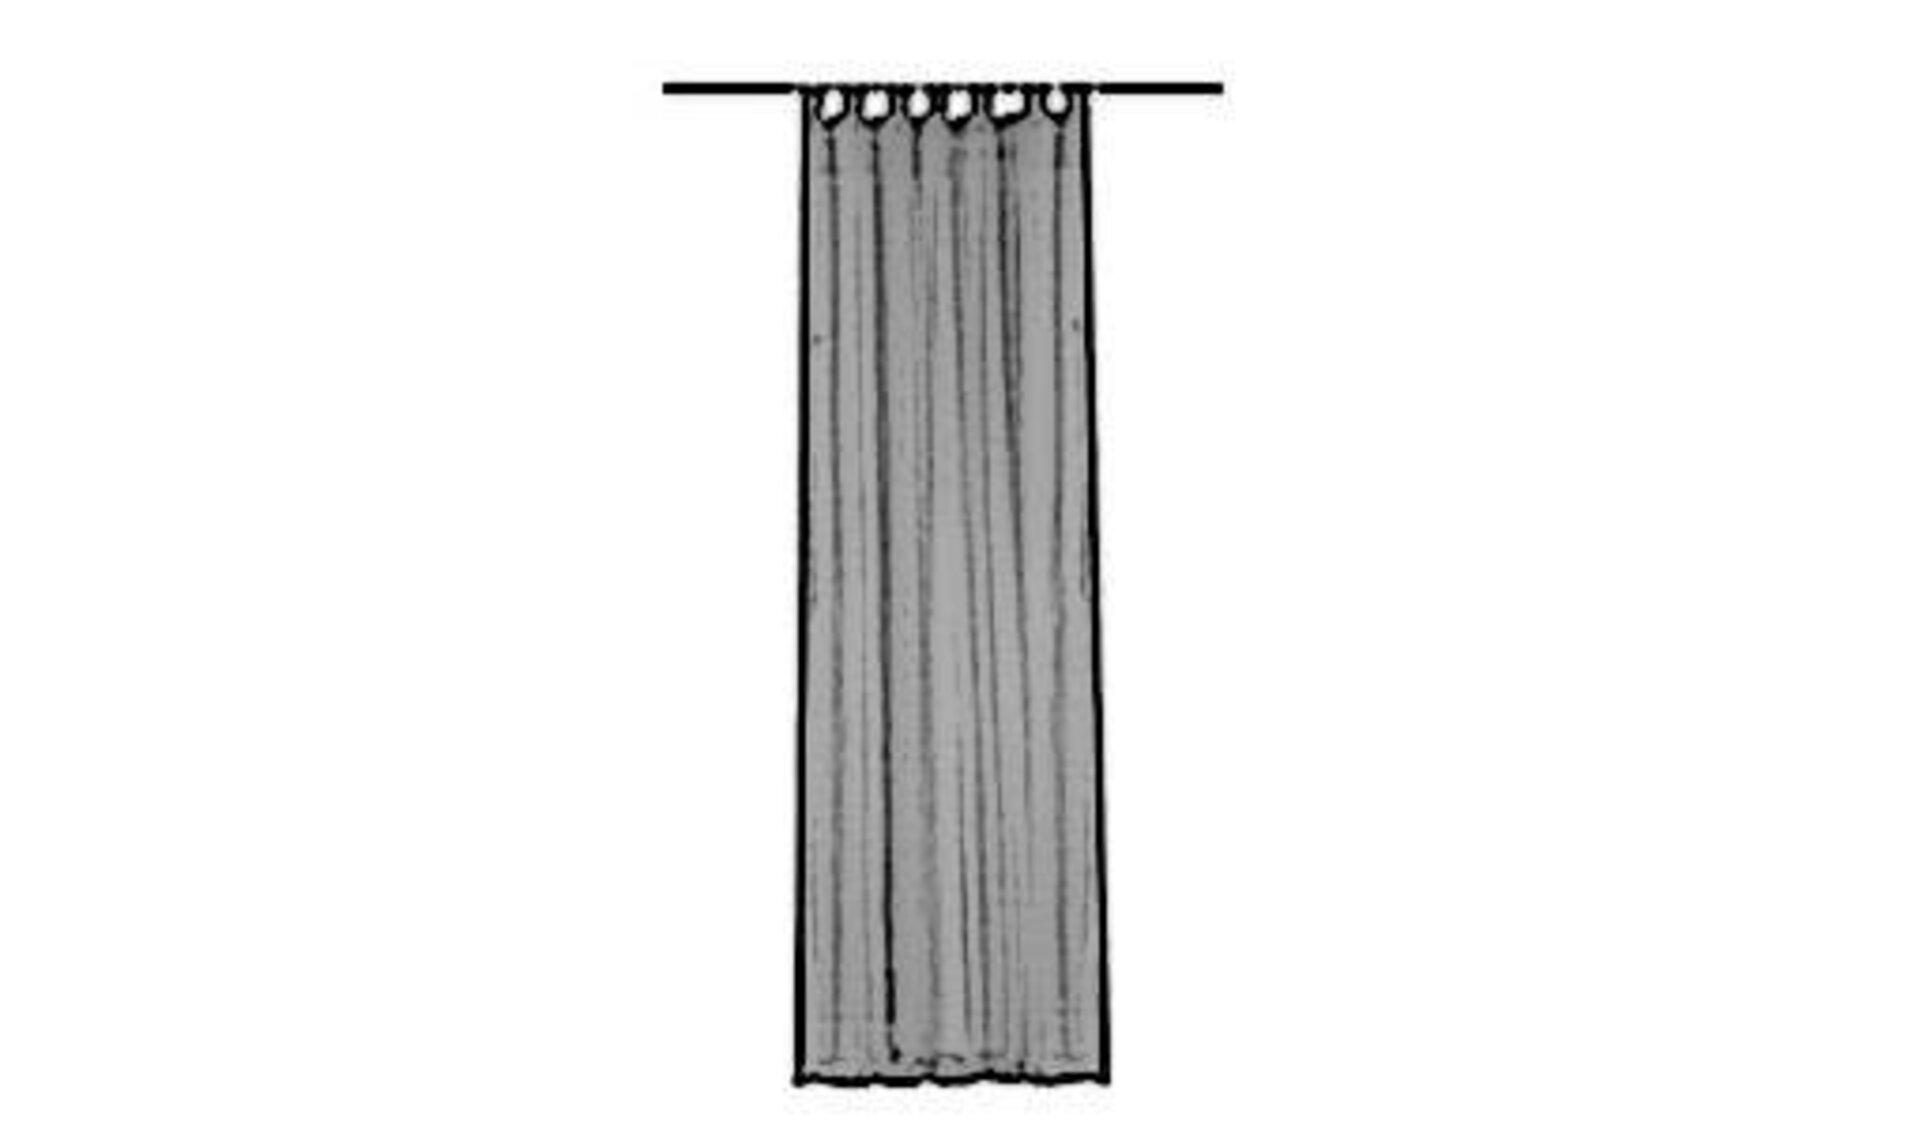 Icon für Schlaufenschal ist eine Gardinenstange, an der ein Vorhang mit angenähten Schlaufen hängt.